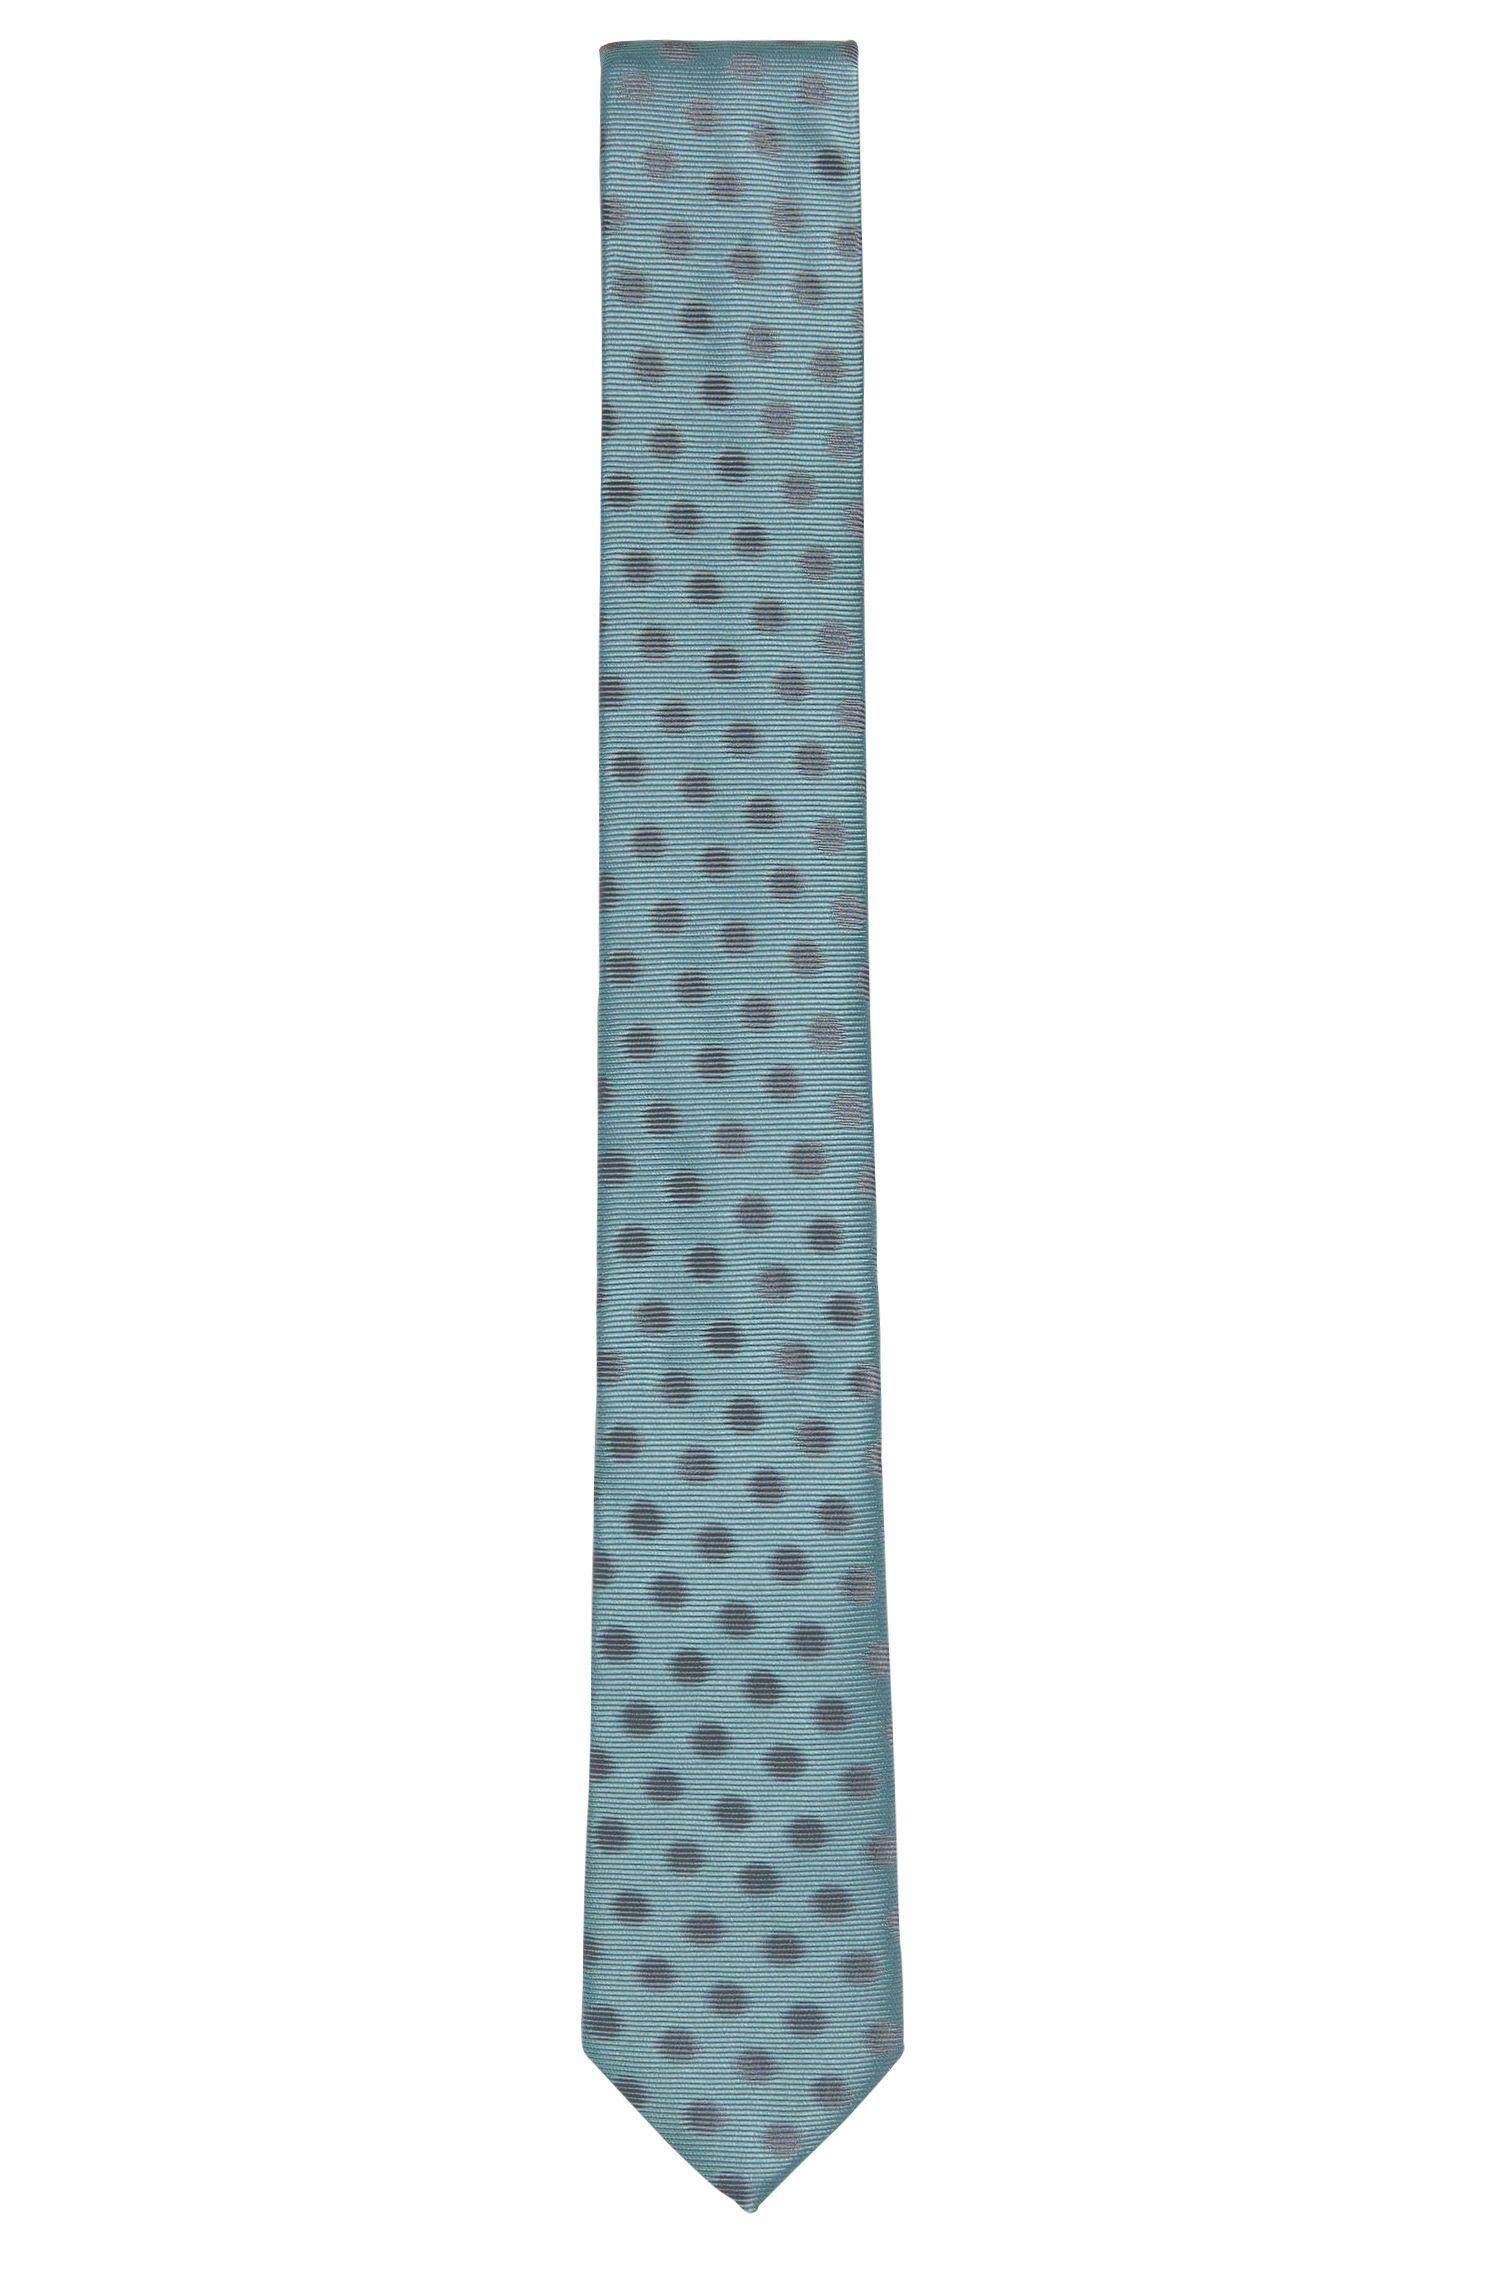 Embroidered Silk Tie, Slim | Tie 6 cm